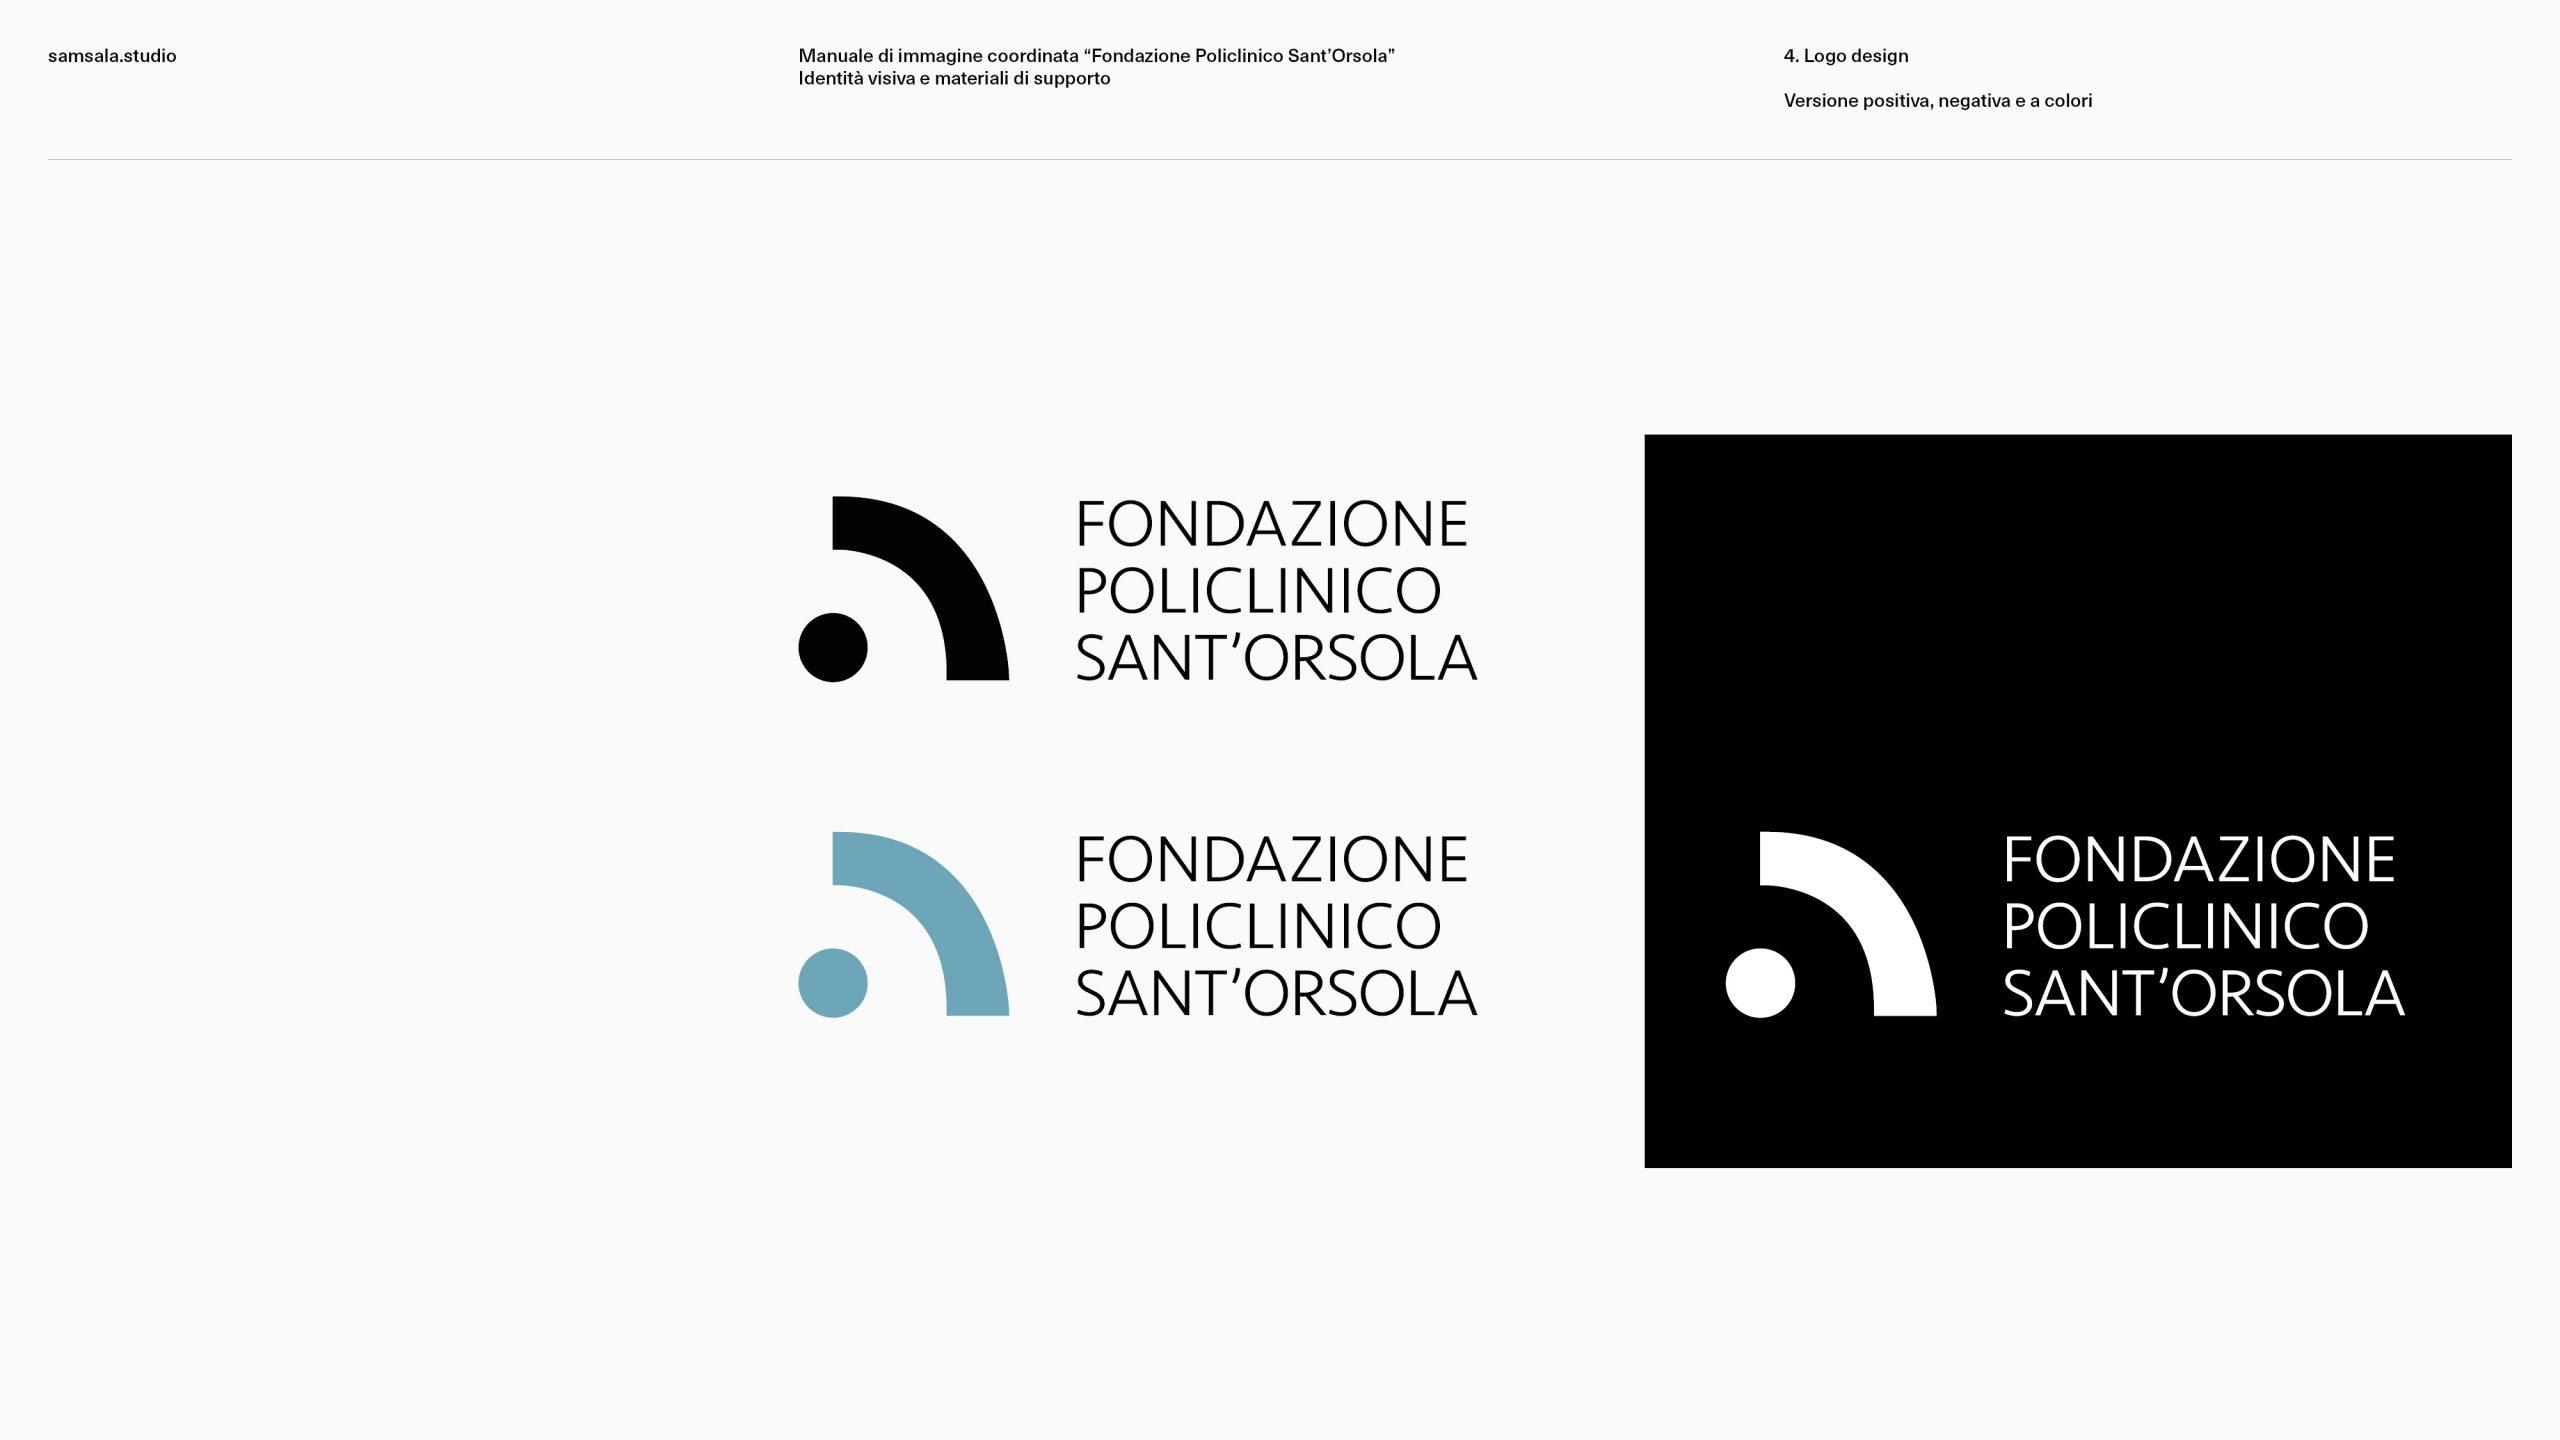 santorsola_logo_versioni